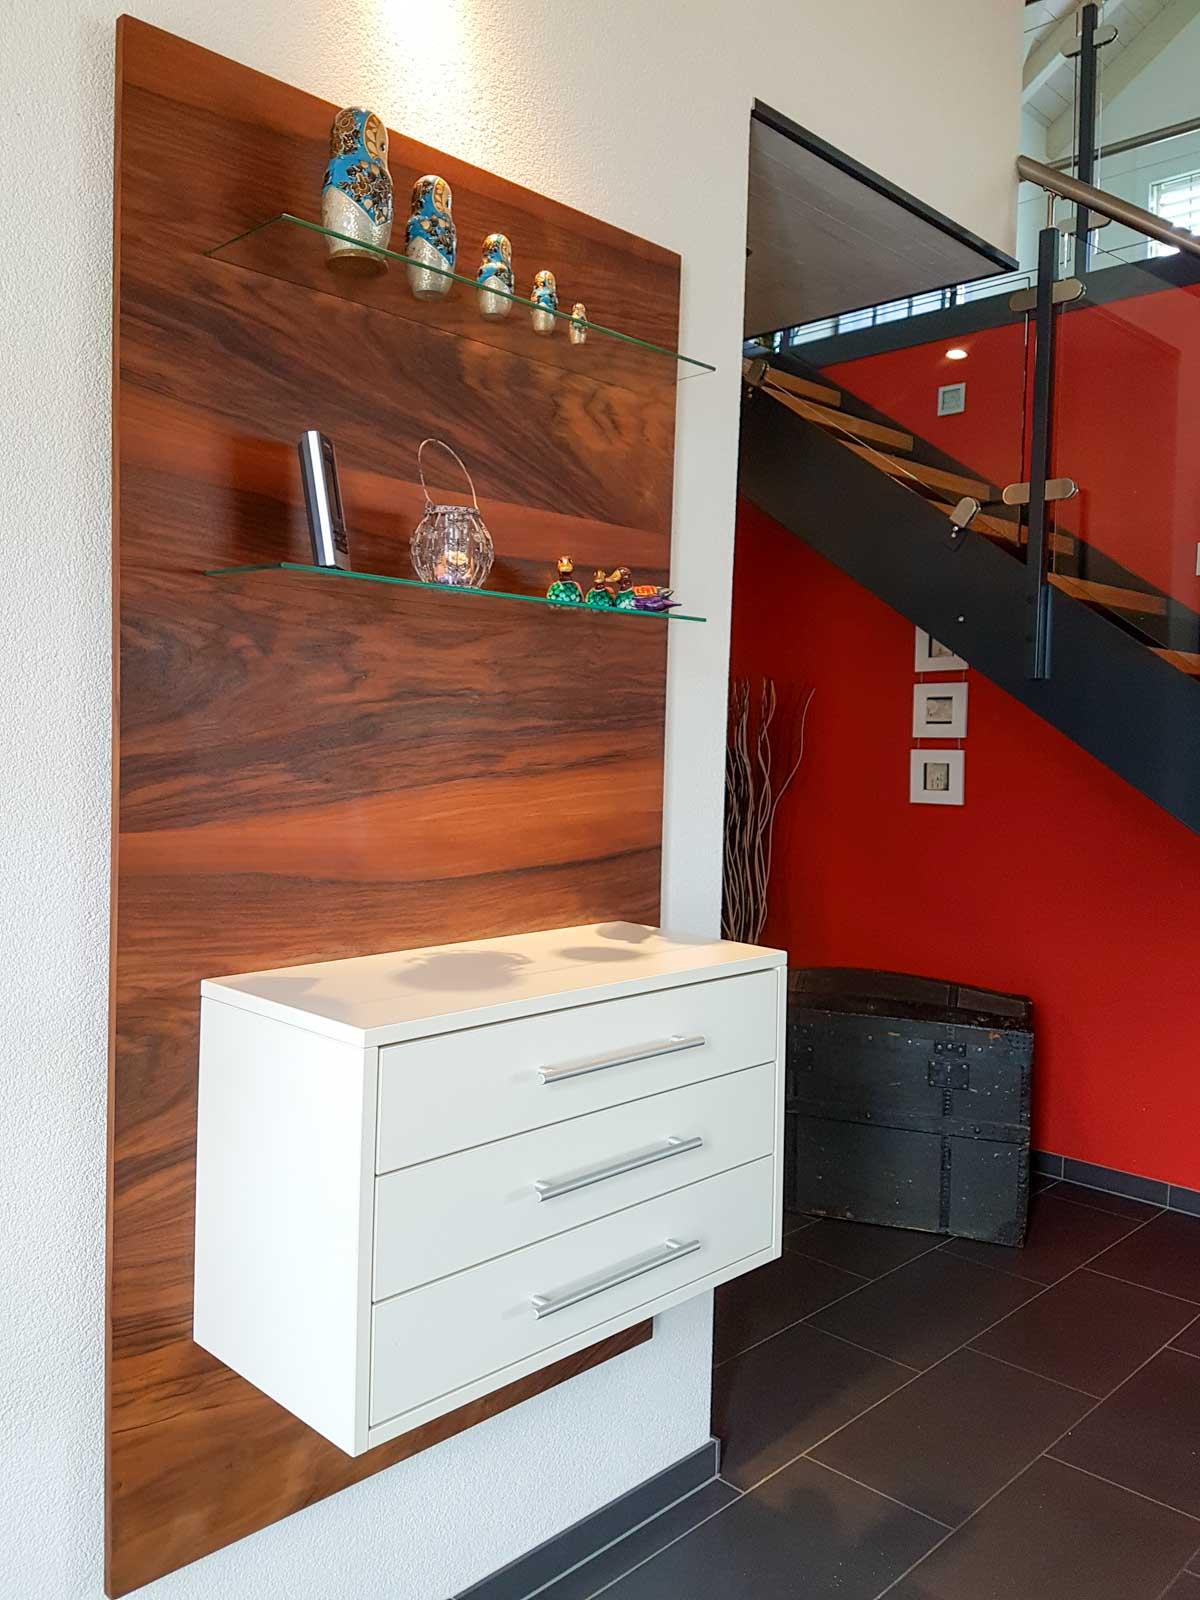 Wooddesign_Garderobe_Gästegarderobe_Nussbaum_Sitzbank_Schubladenstock (1)